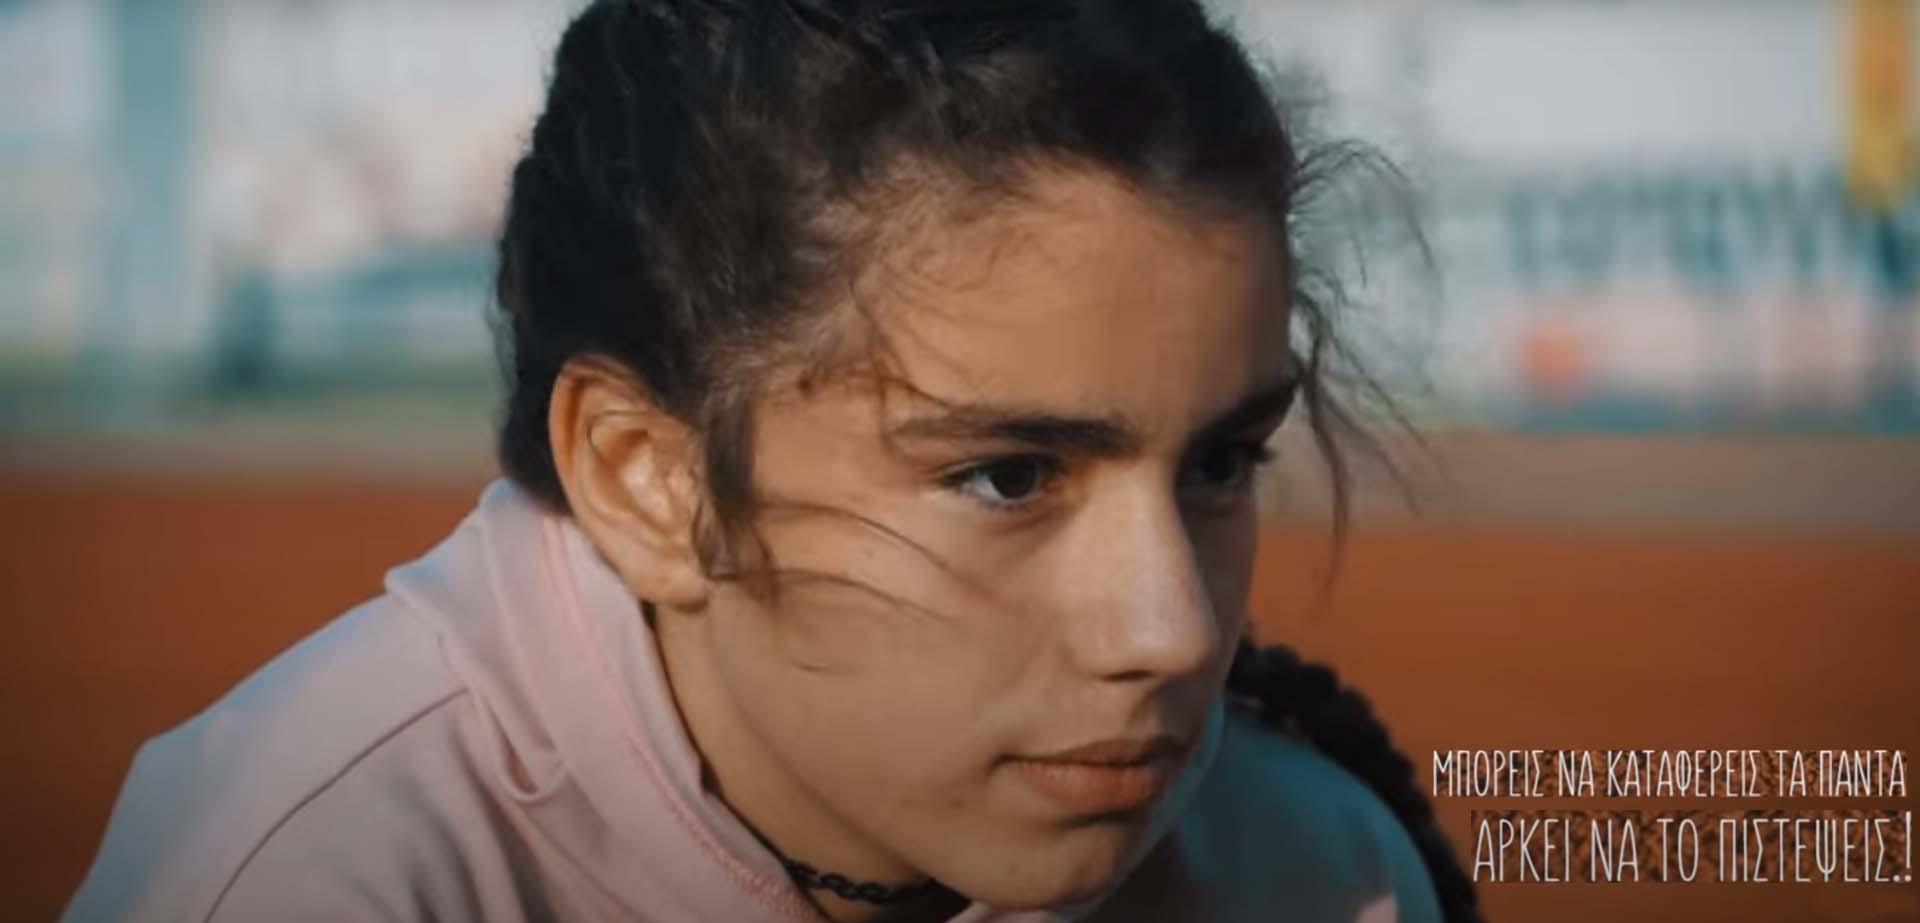 Βραβεύτηκε από τον OHE η μαθητική ταινία του Δημοτικού Σχολείου Αγίου Δημητρίου Αργολίδας